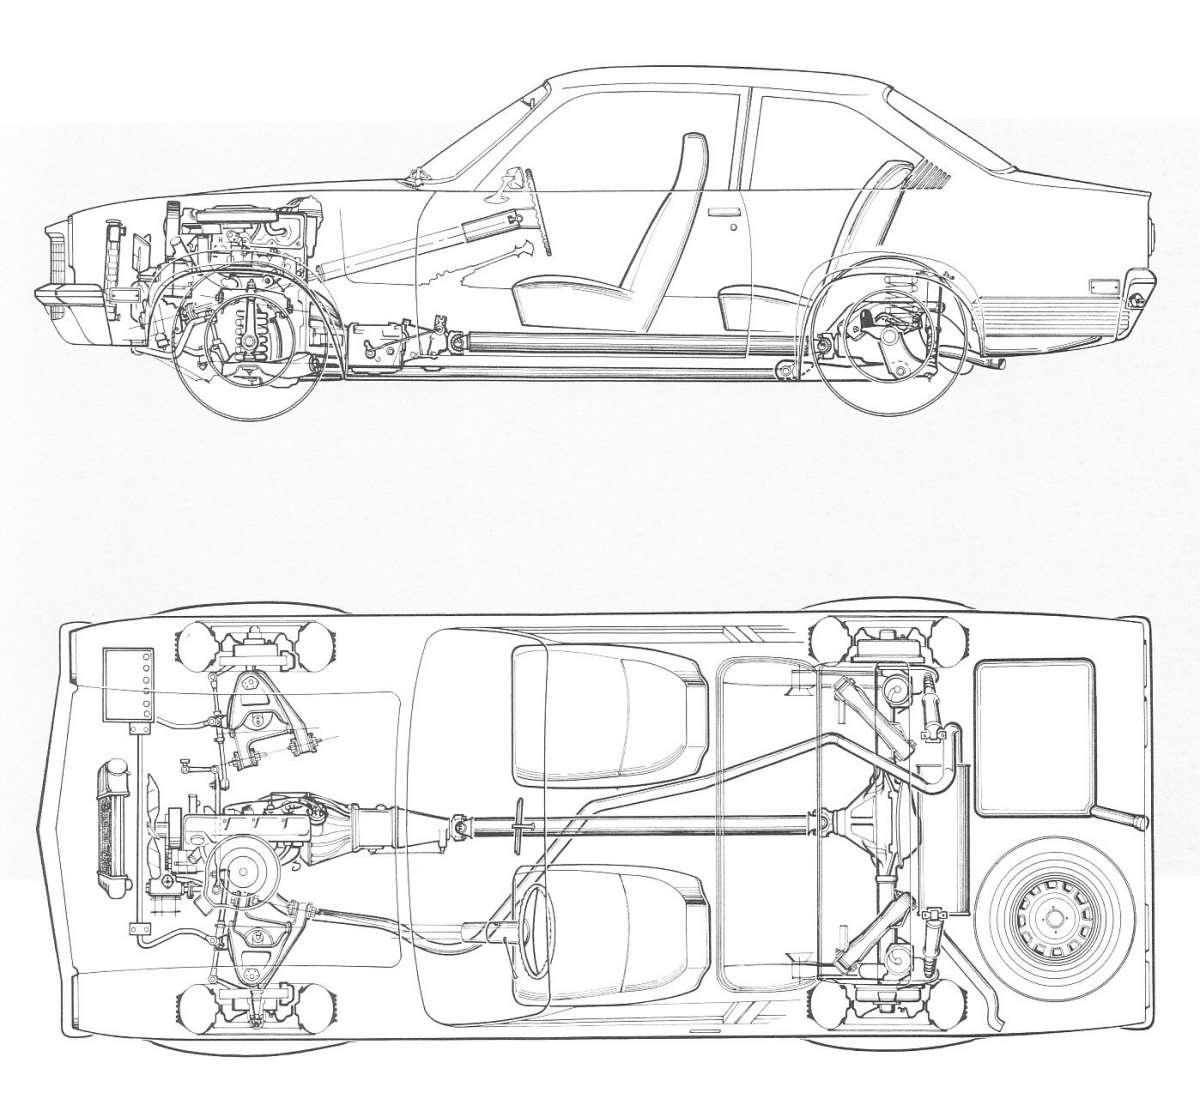 CCOTY 1971 Nomination: Chevrolet Vega 2300